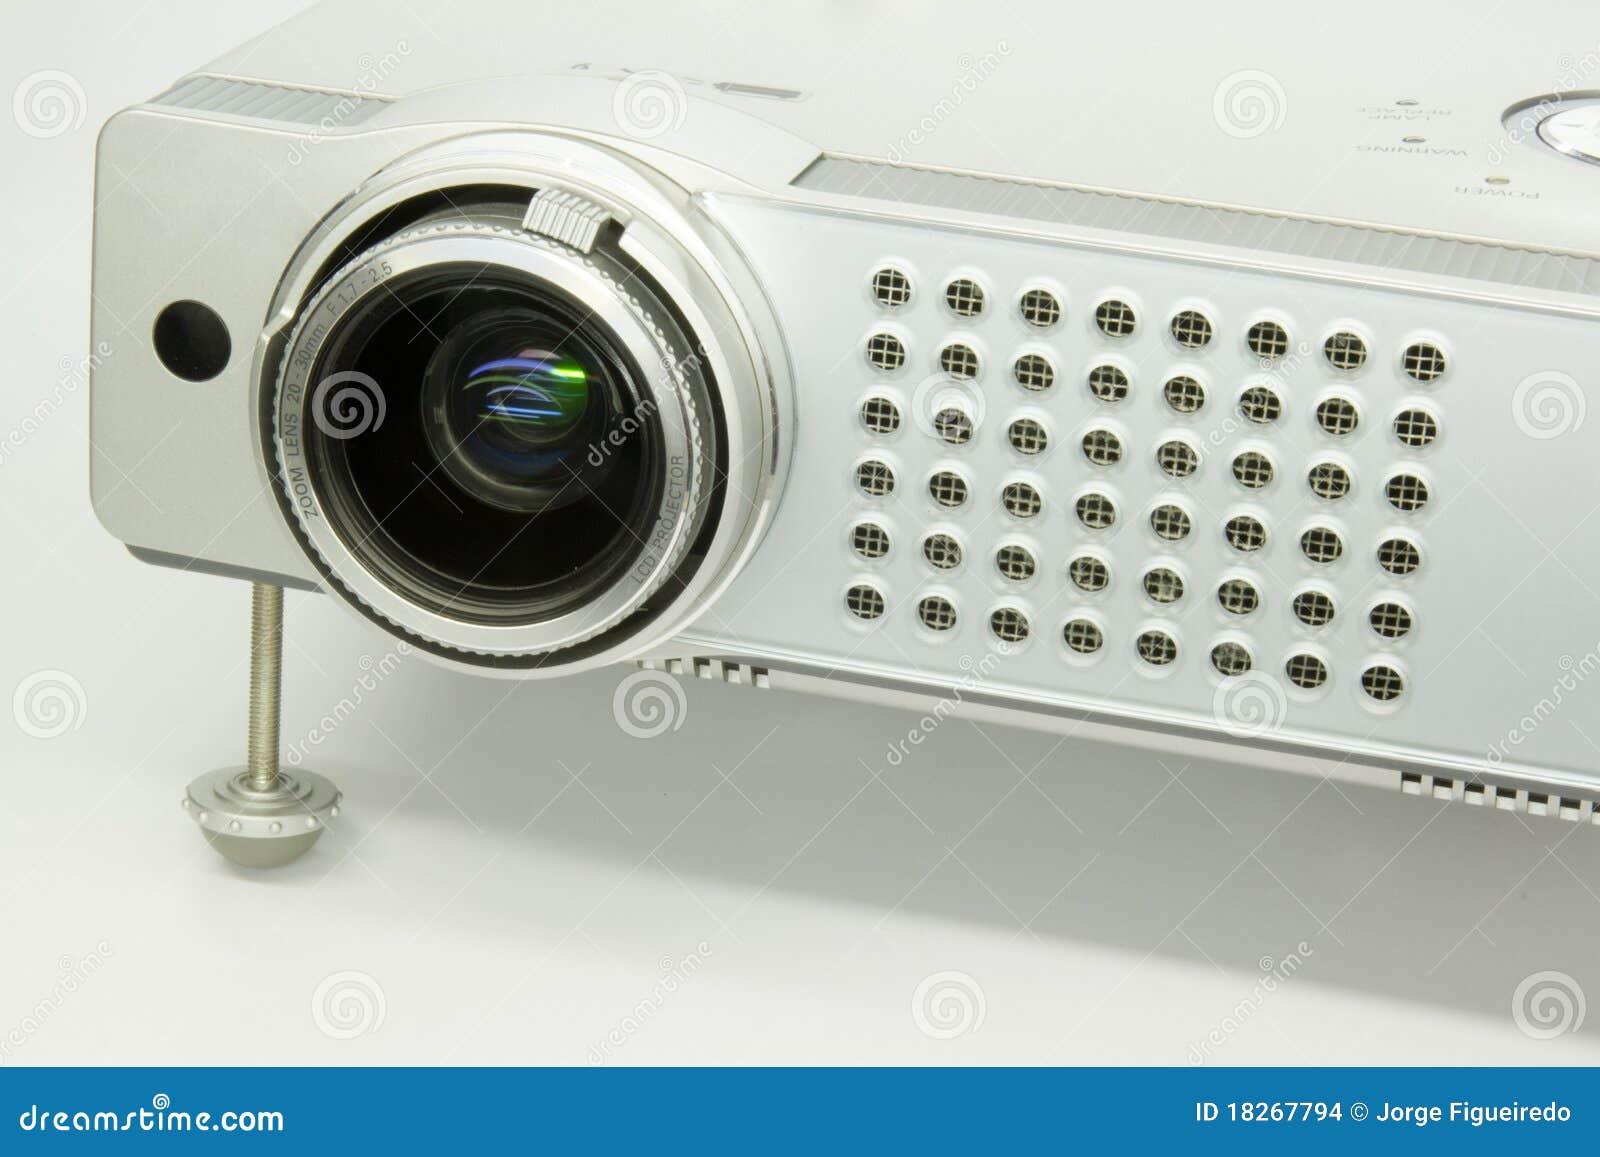 Multimediaprojektor